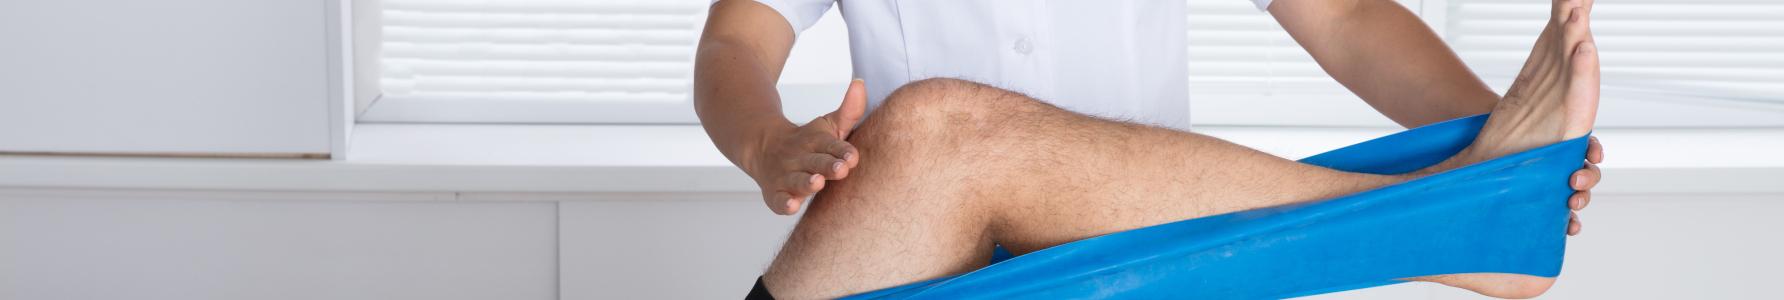 Jak wzmocnić kolana - mężczyzna wykonujący ćwiczenia na kolana pod kontrolą fizjoterapeuty.